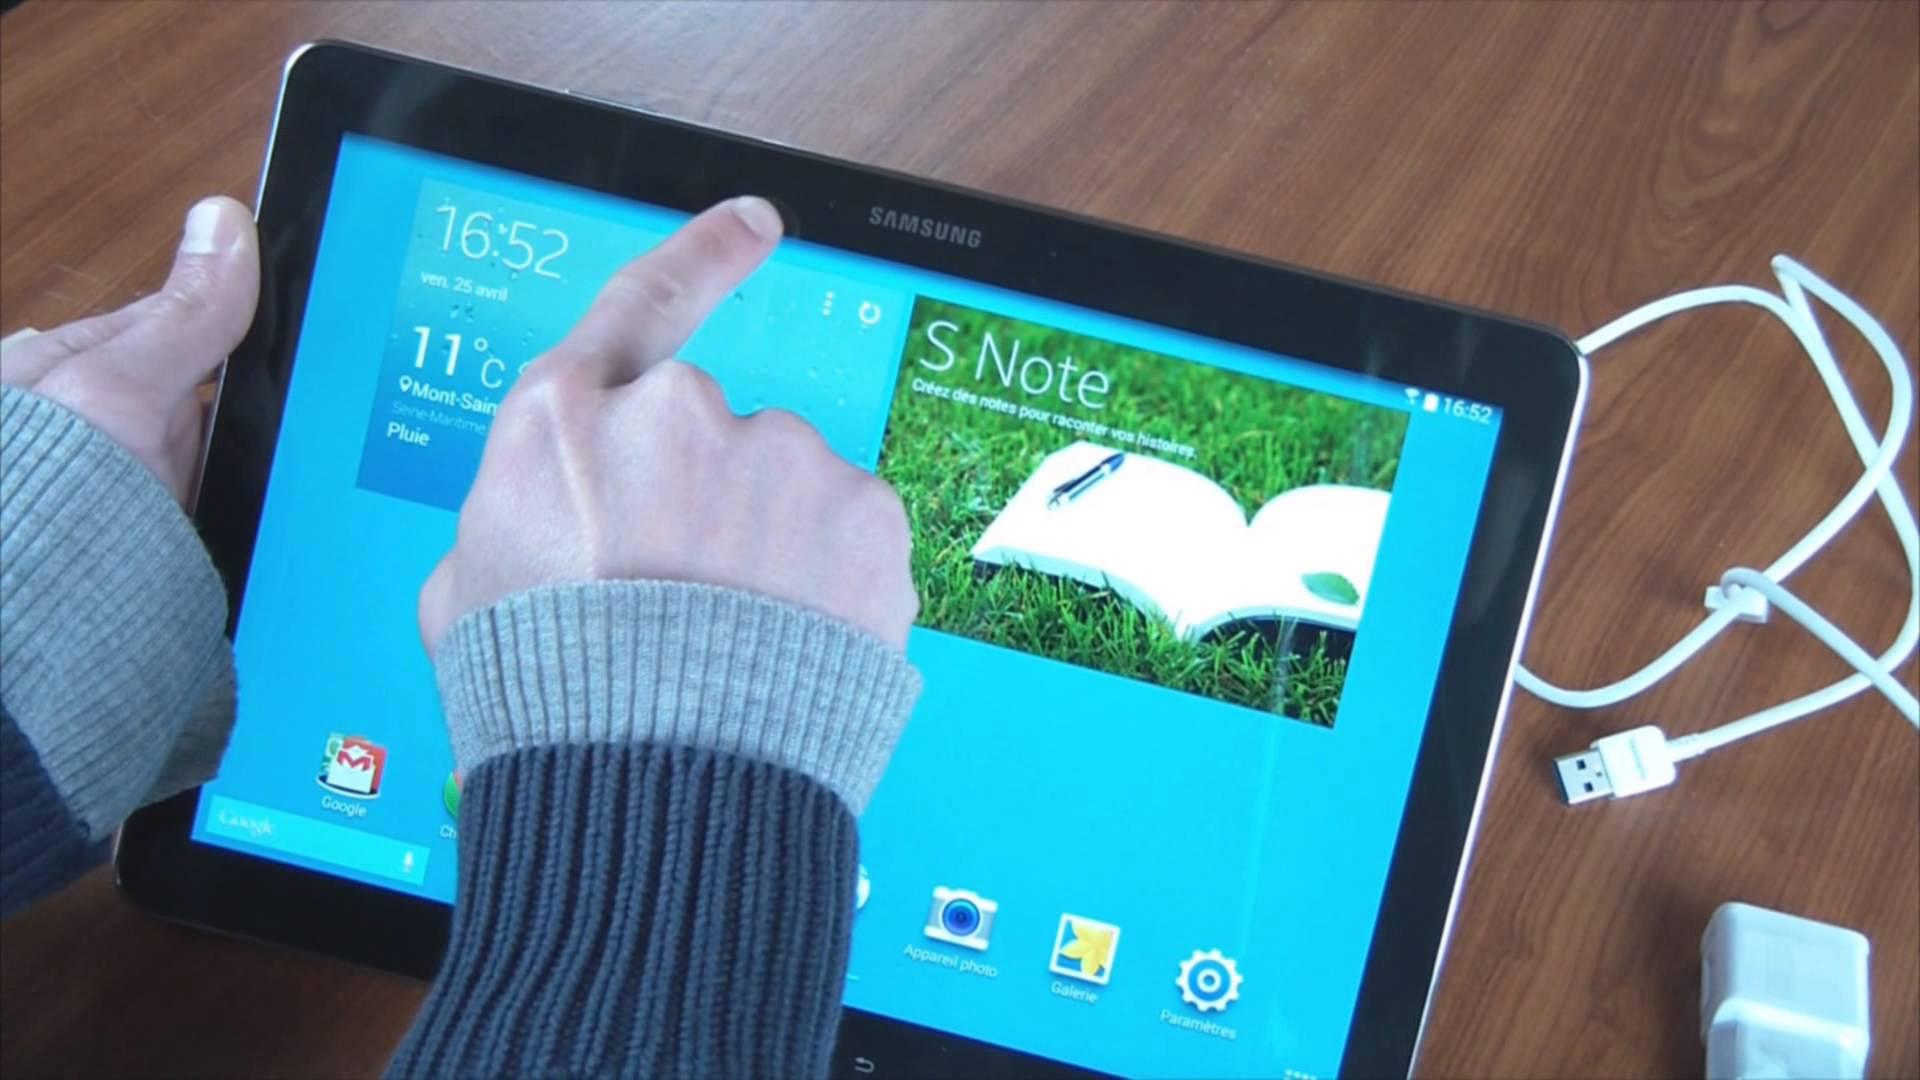 mycanal sur tablette samsung